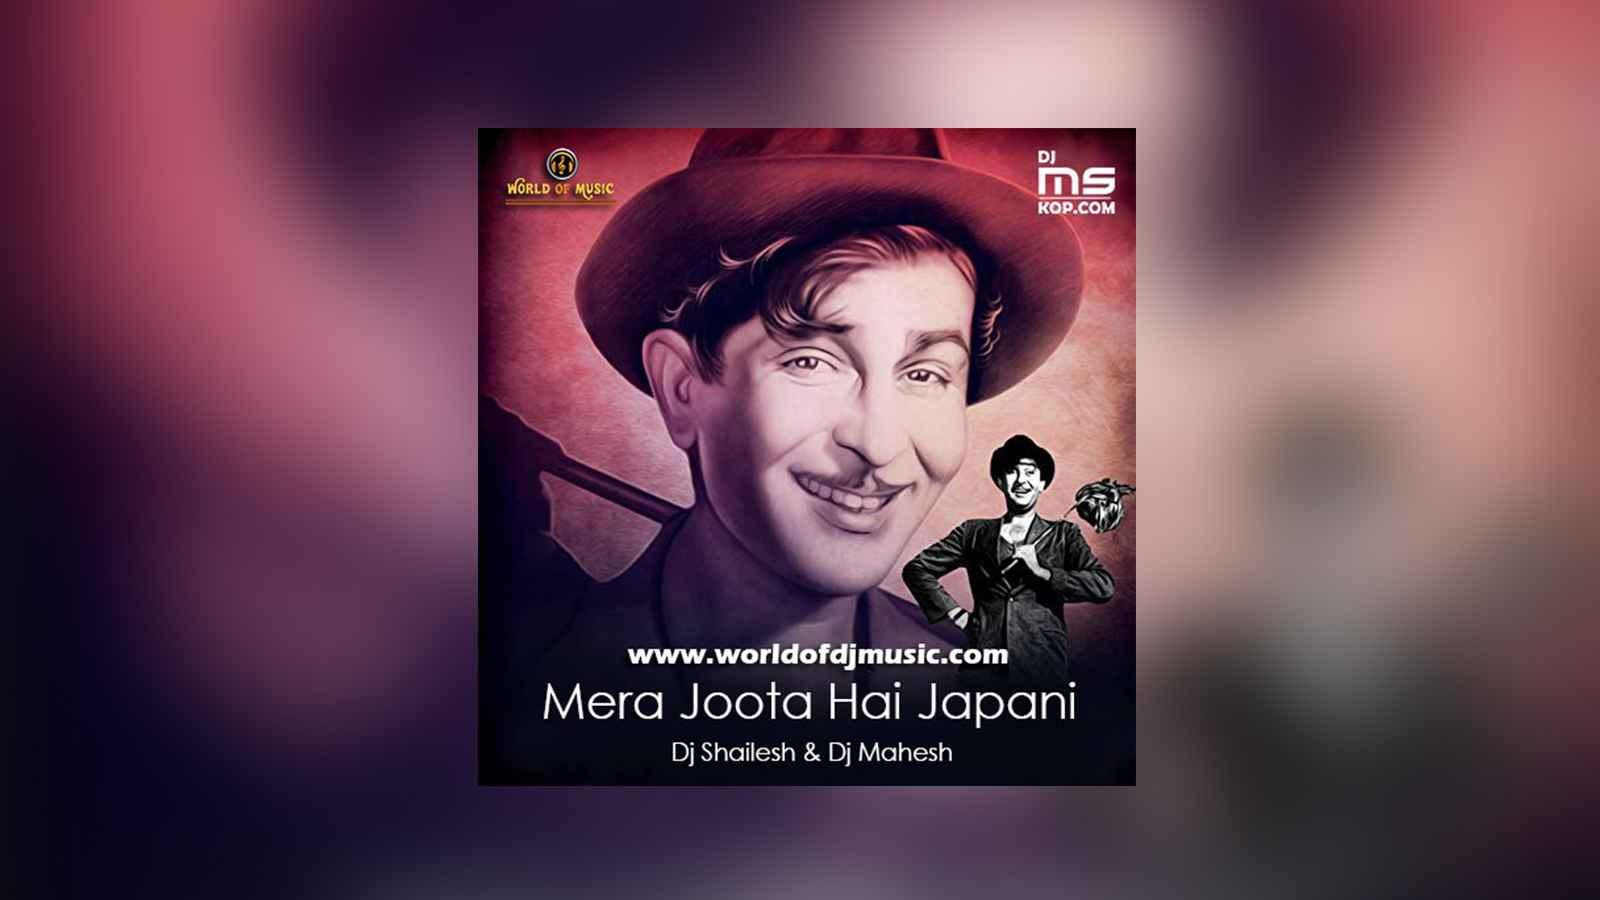 Mera Joota Hai Japani (Remix) - Dj Shailesh & Dj Mahesh Kolhapur